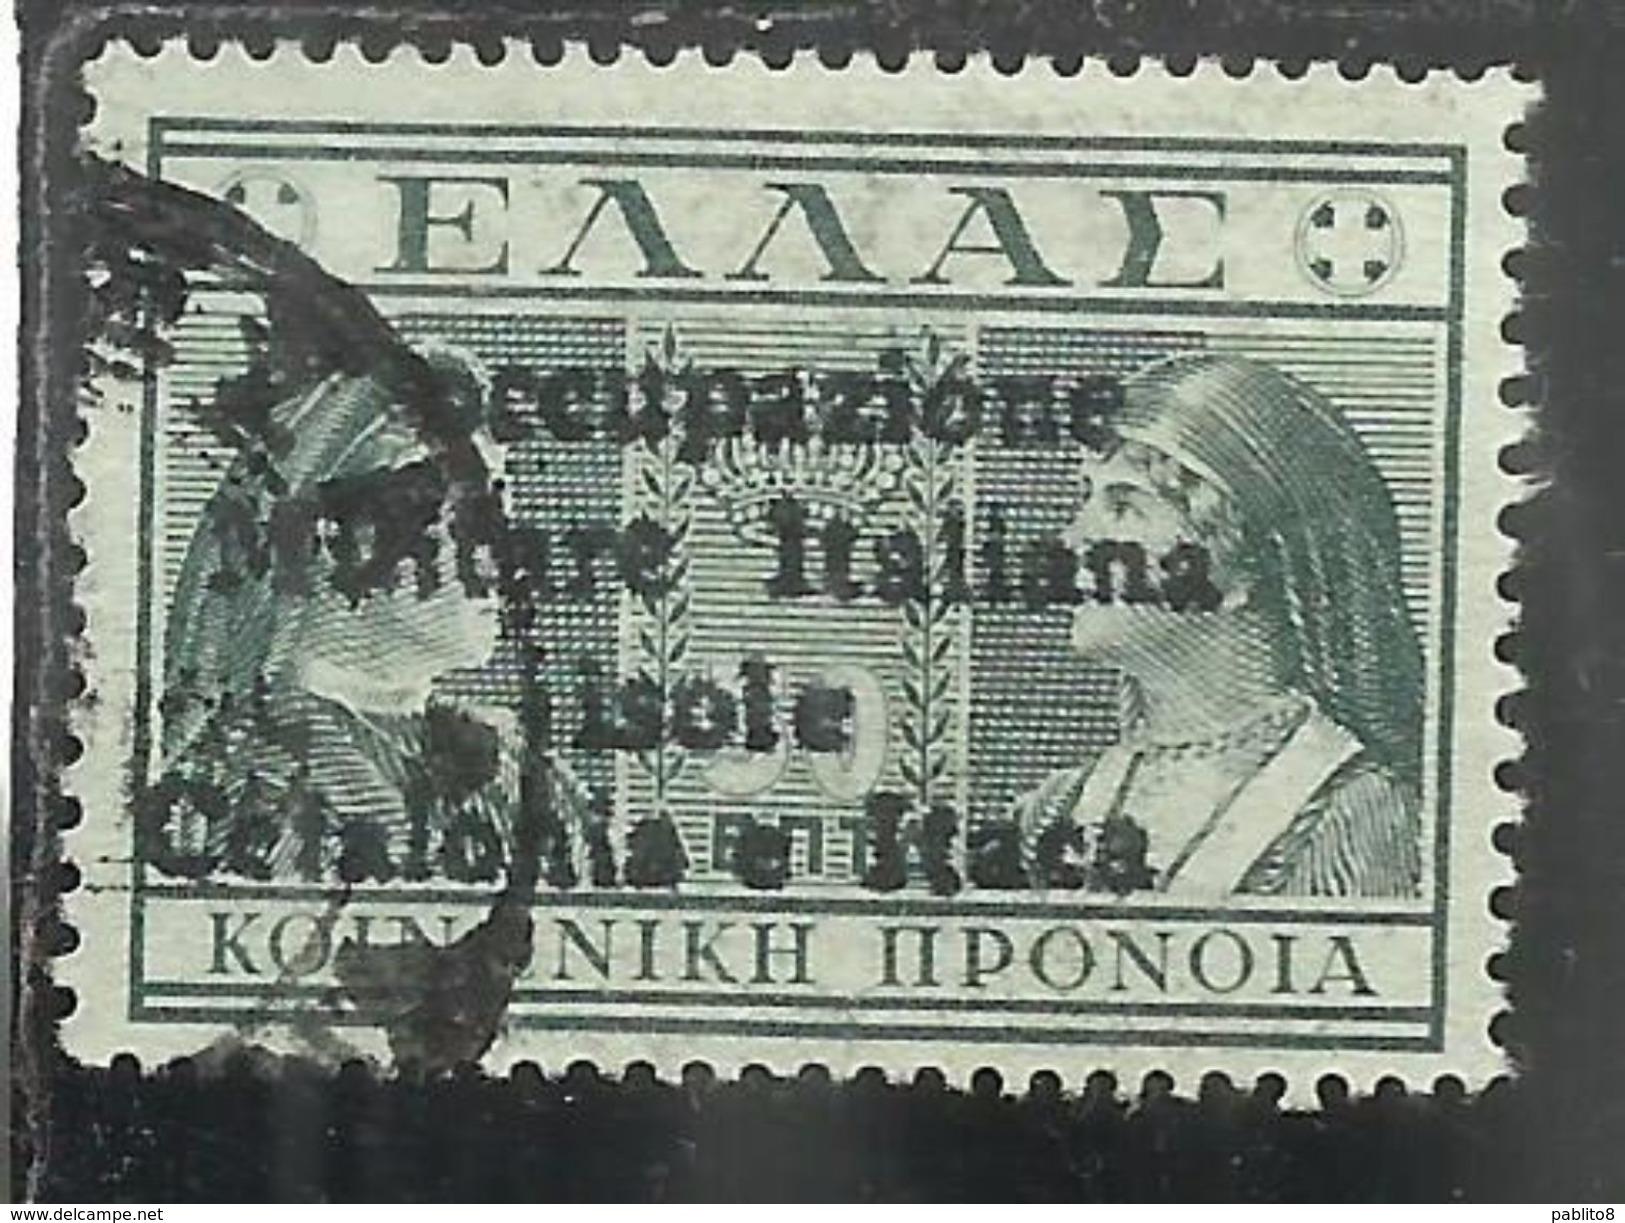 OCCUPAZIONE ITALIANA ITACA 1941 PREVIDENZA SOCIALE DEL 1939 SOPRASTAMPATO OVERPRINTED 50 LEPTA USED SIGNED OBLITERE' - 9. Occupazione 2a Guerra (Italia)